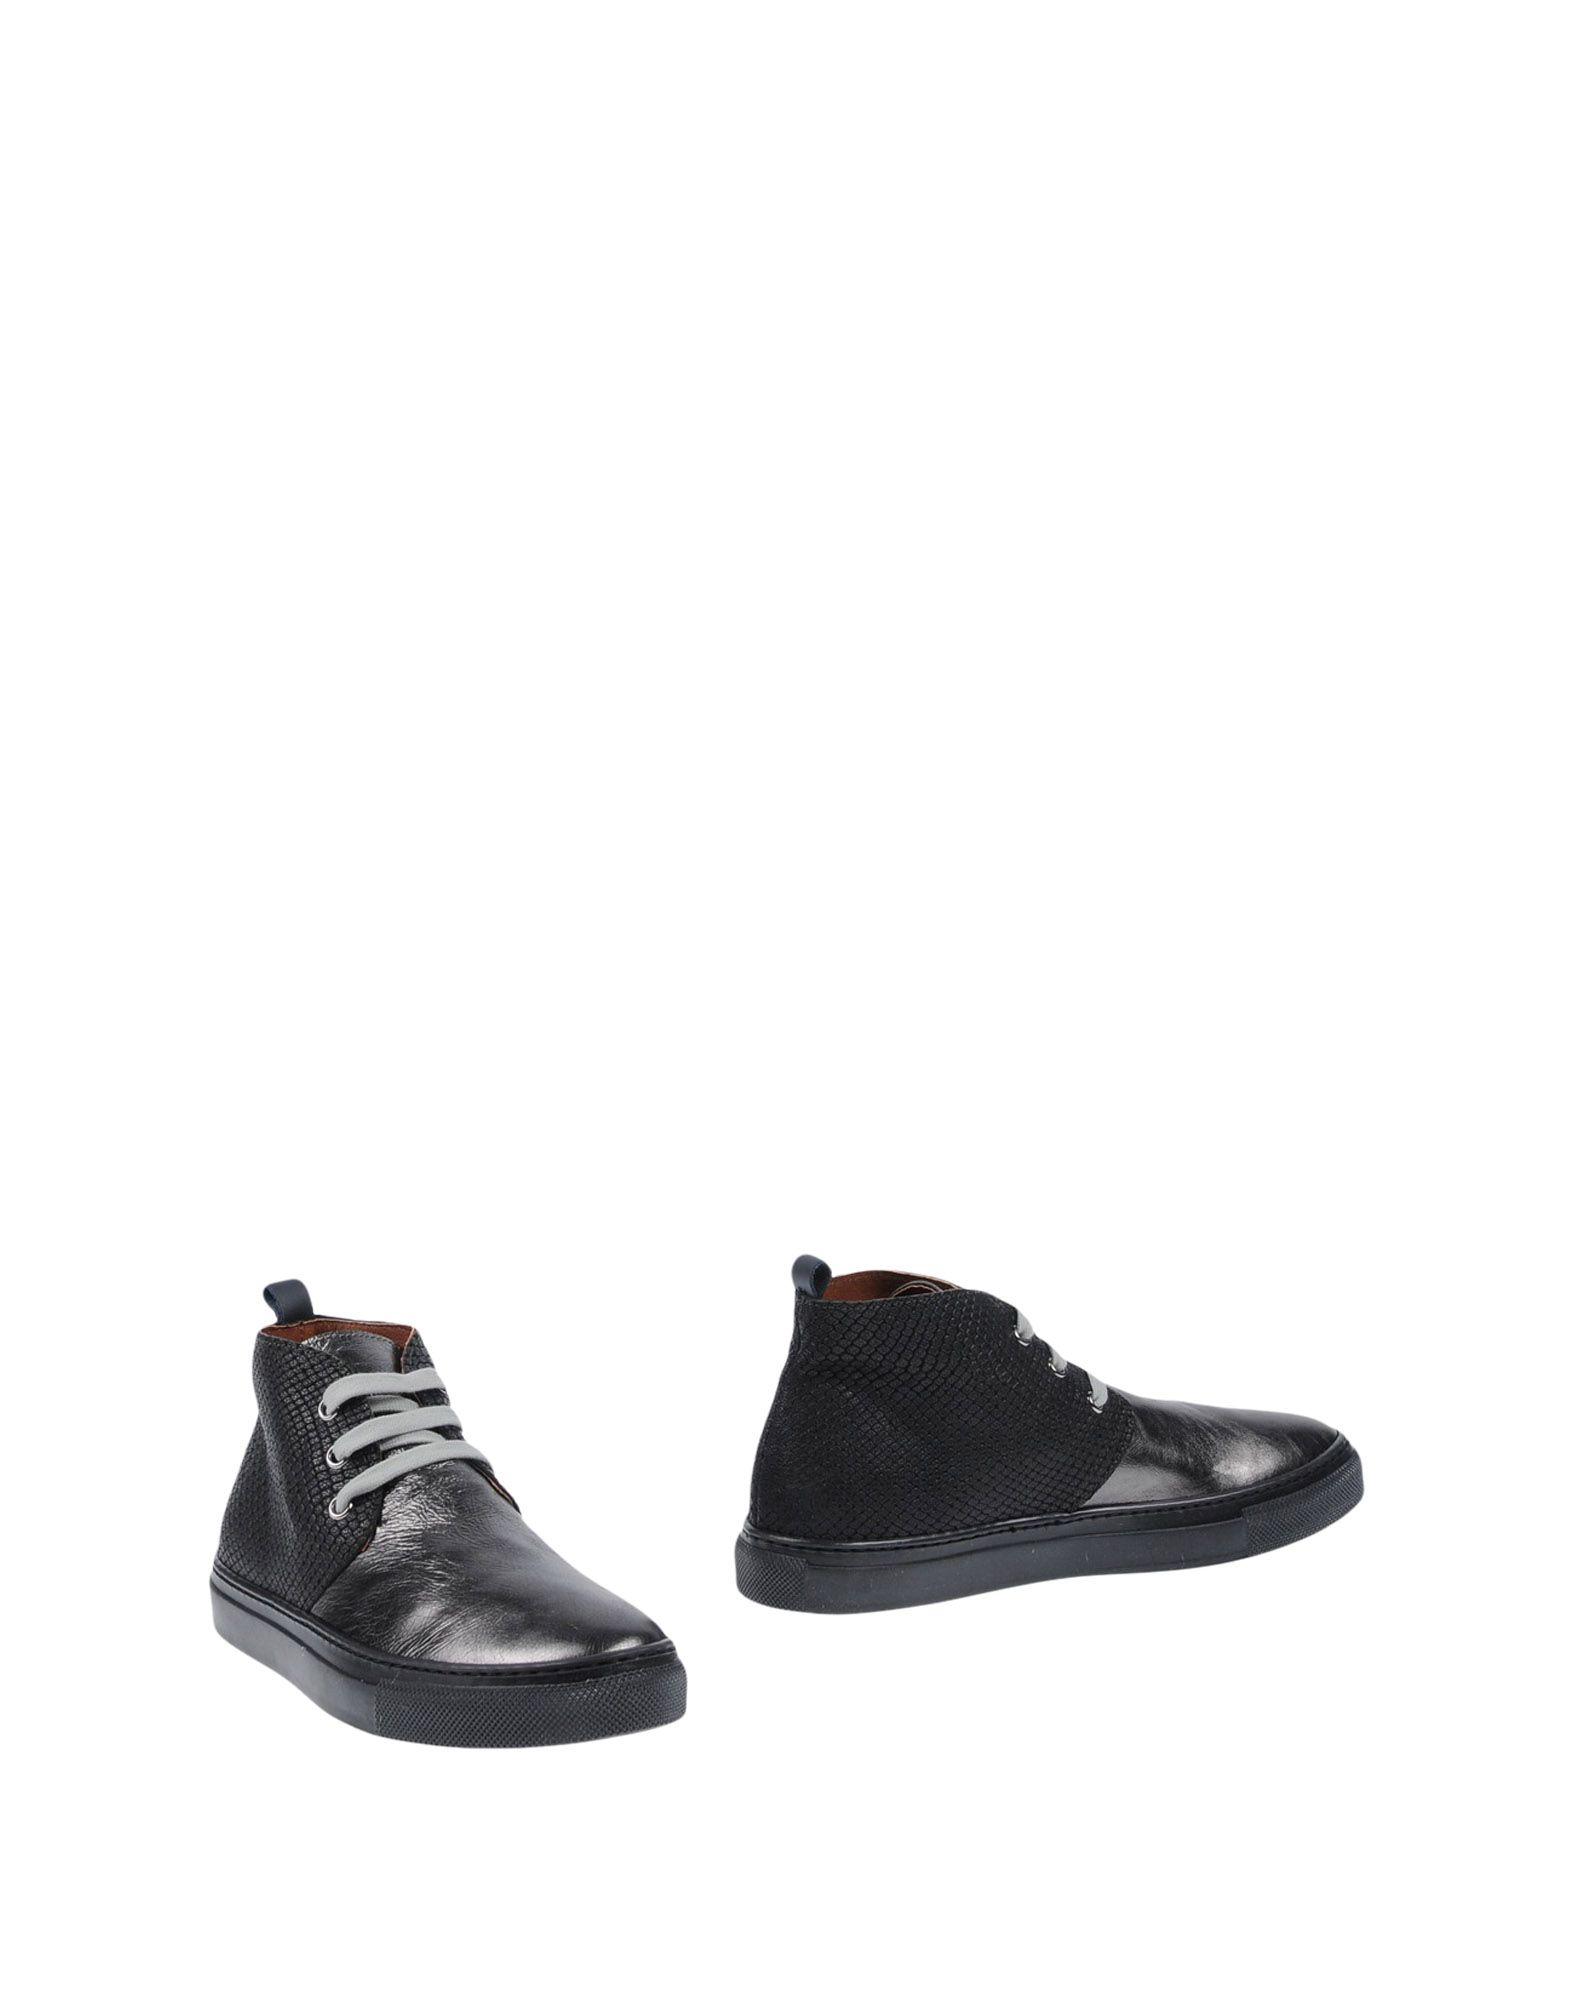 Ebarrito Stiefelette Damen  11457338LP Gute Qualität beliebte Schuhe